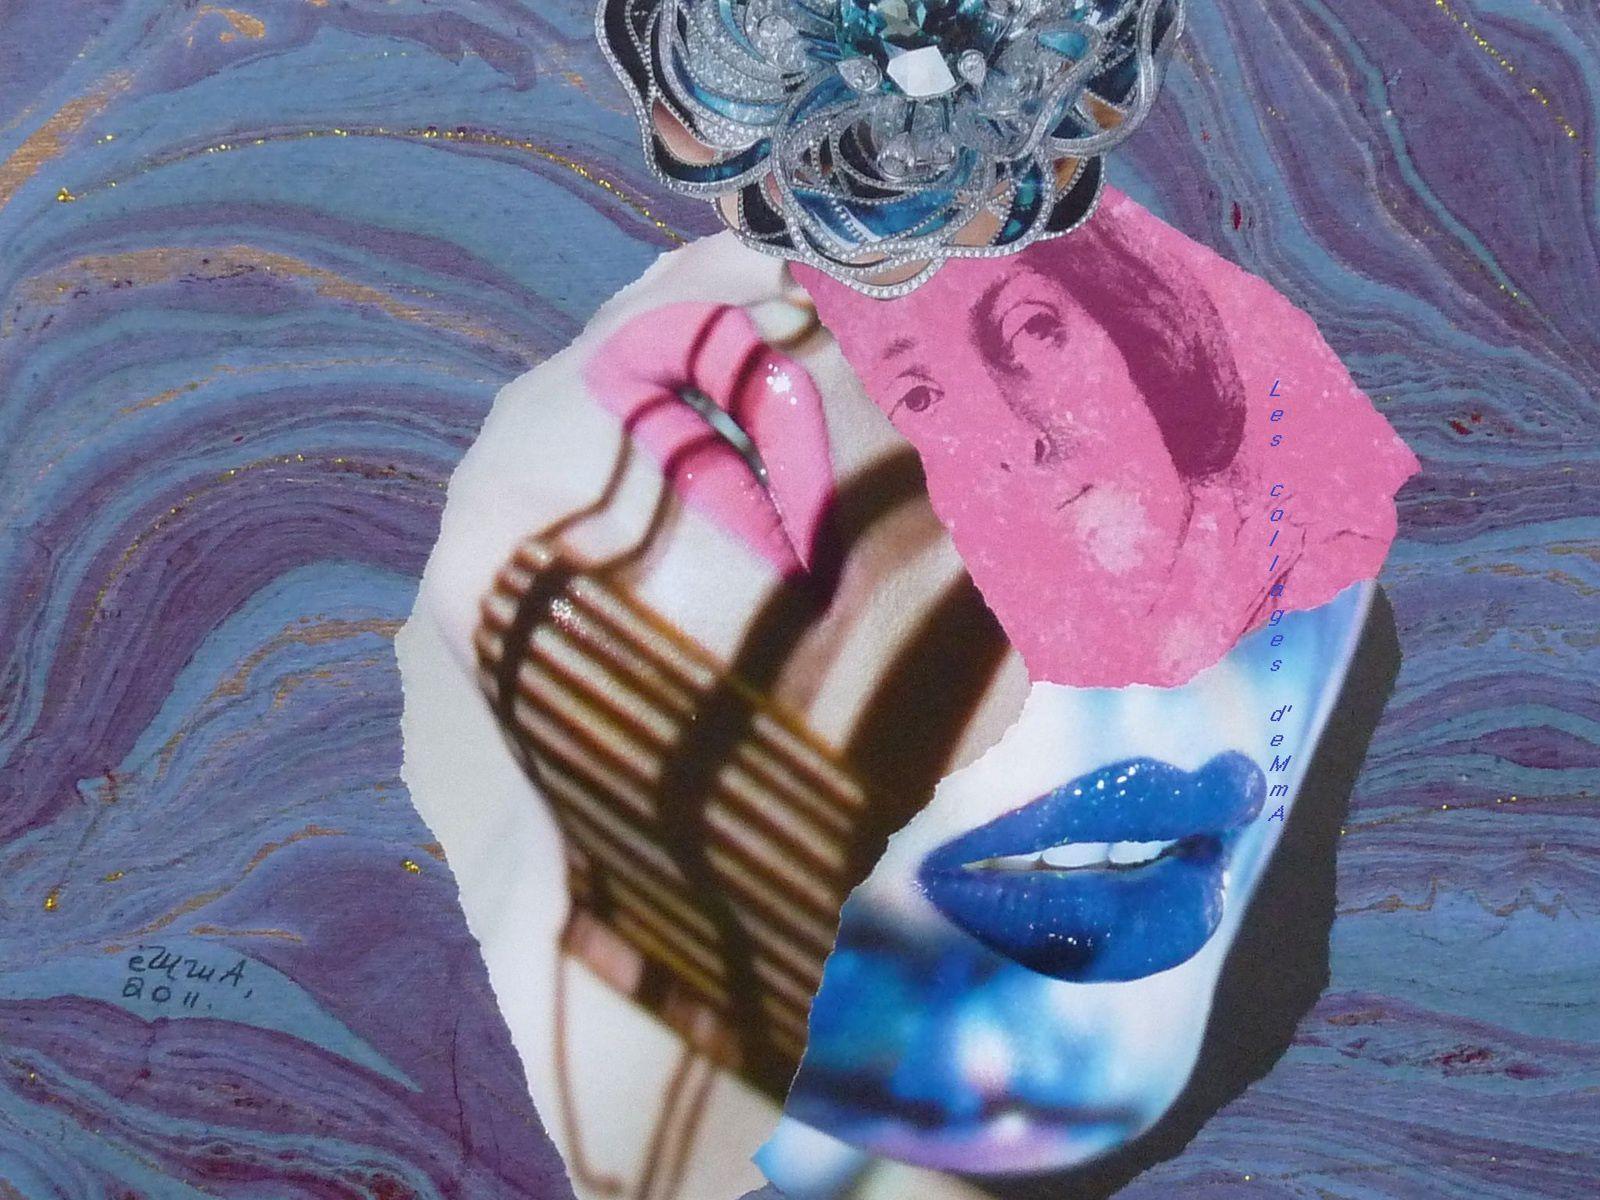 """Les Collages d'eMma MessanA, collage """"L'Amuse Bouche"""", pièce unique"""